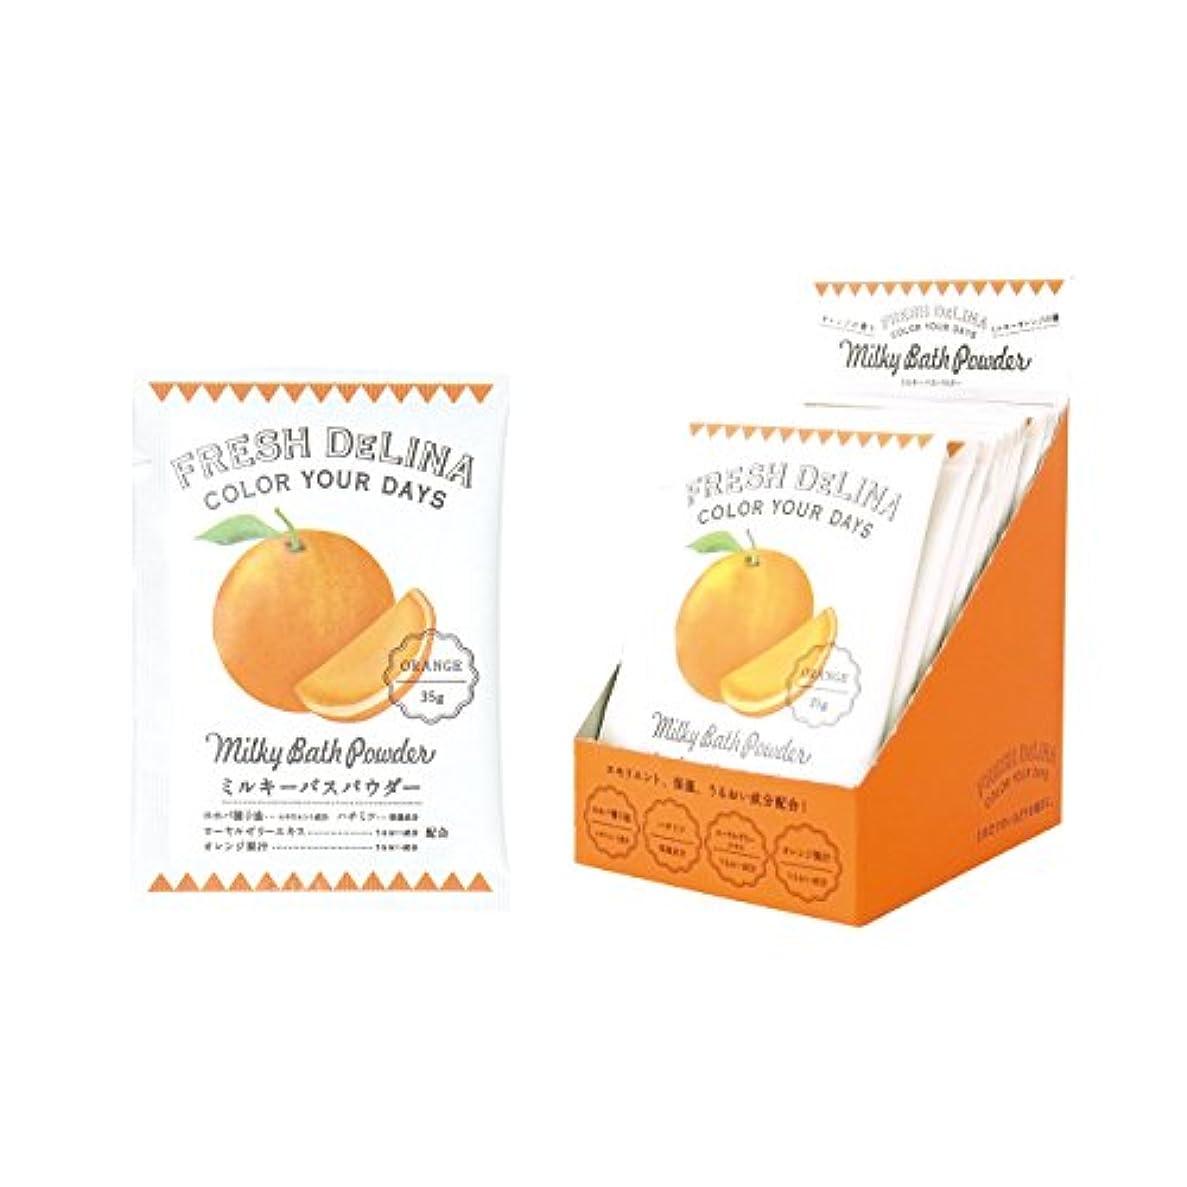 タンカーネーピア暗唱するフレッシュデリーナ ミルキーバスパウダー 35g (オレンジ) 12個 (白濁タイプ入浴料 日本製 フレッシュな柑橘系の香り)